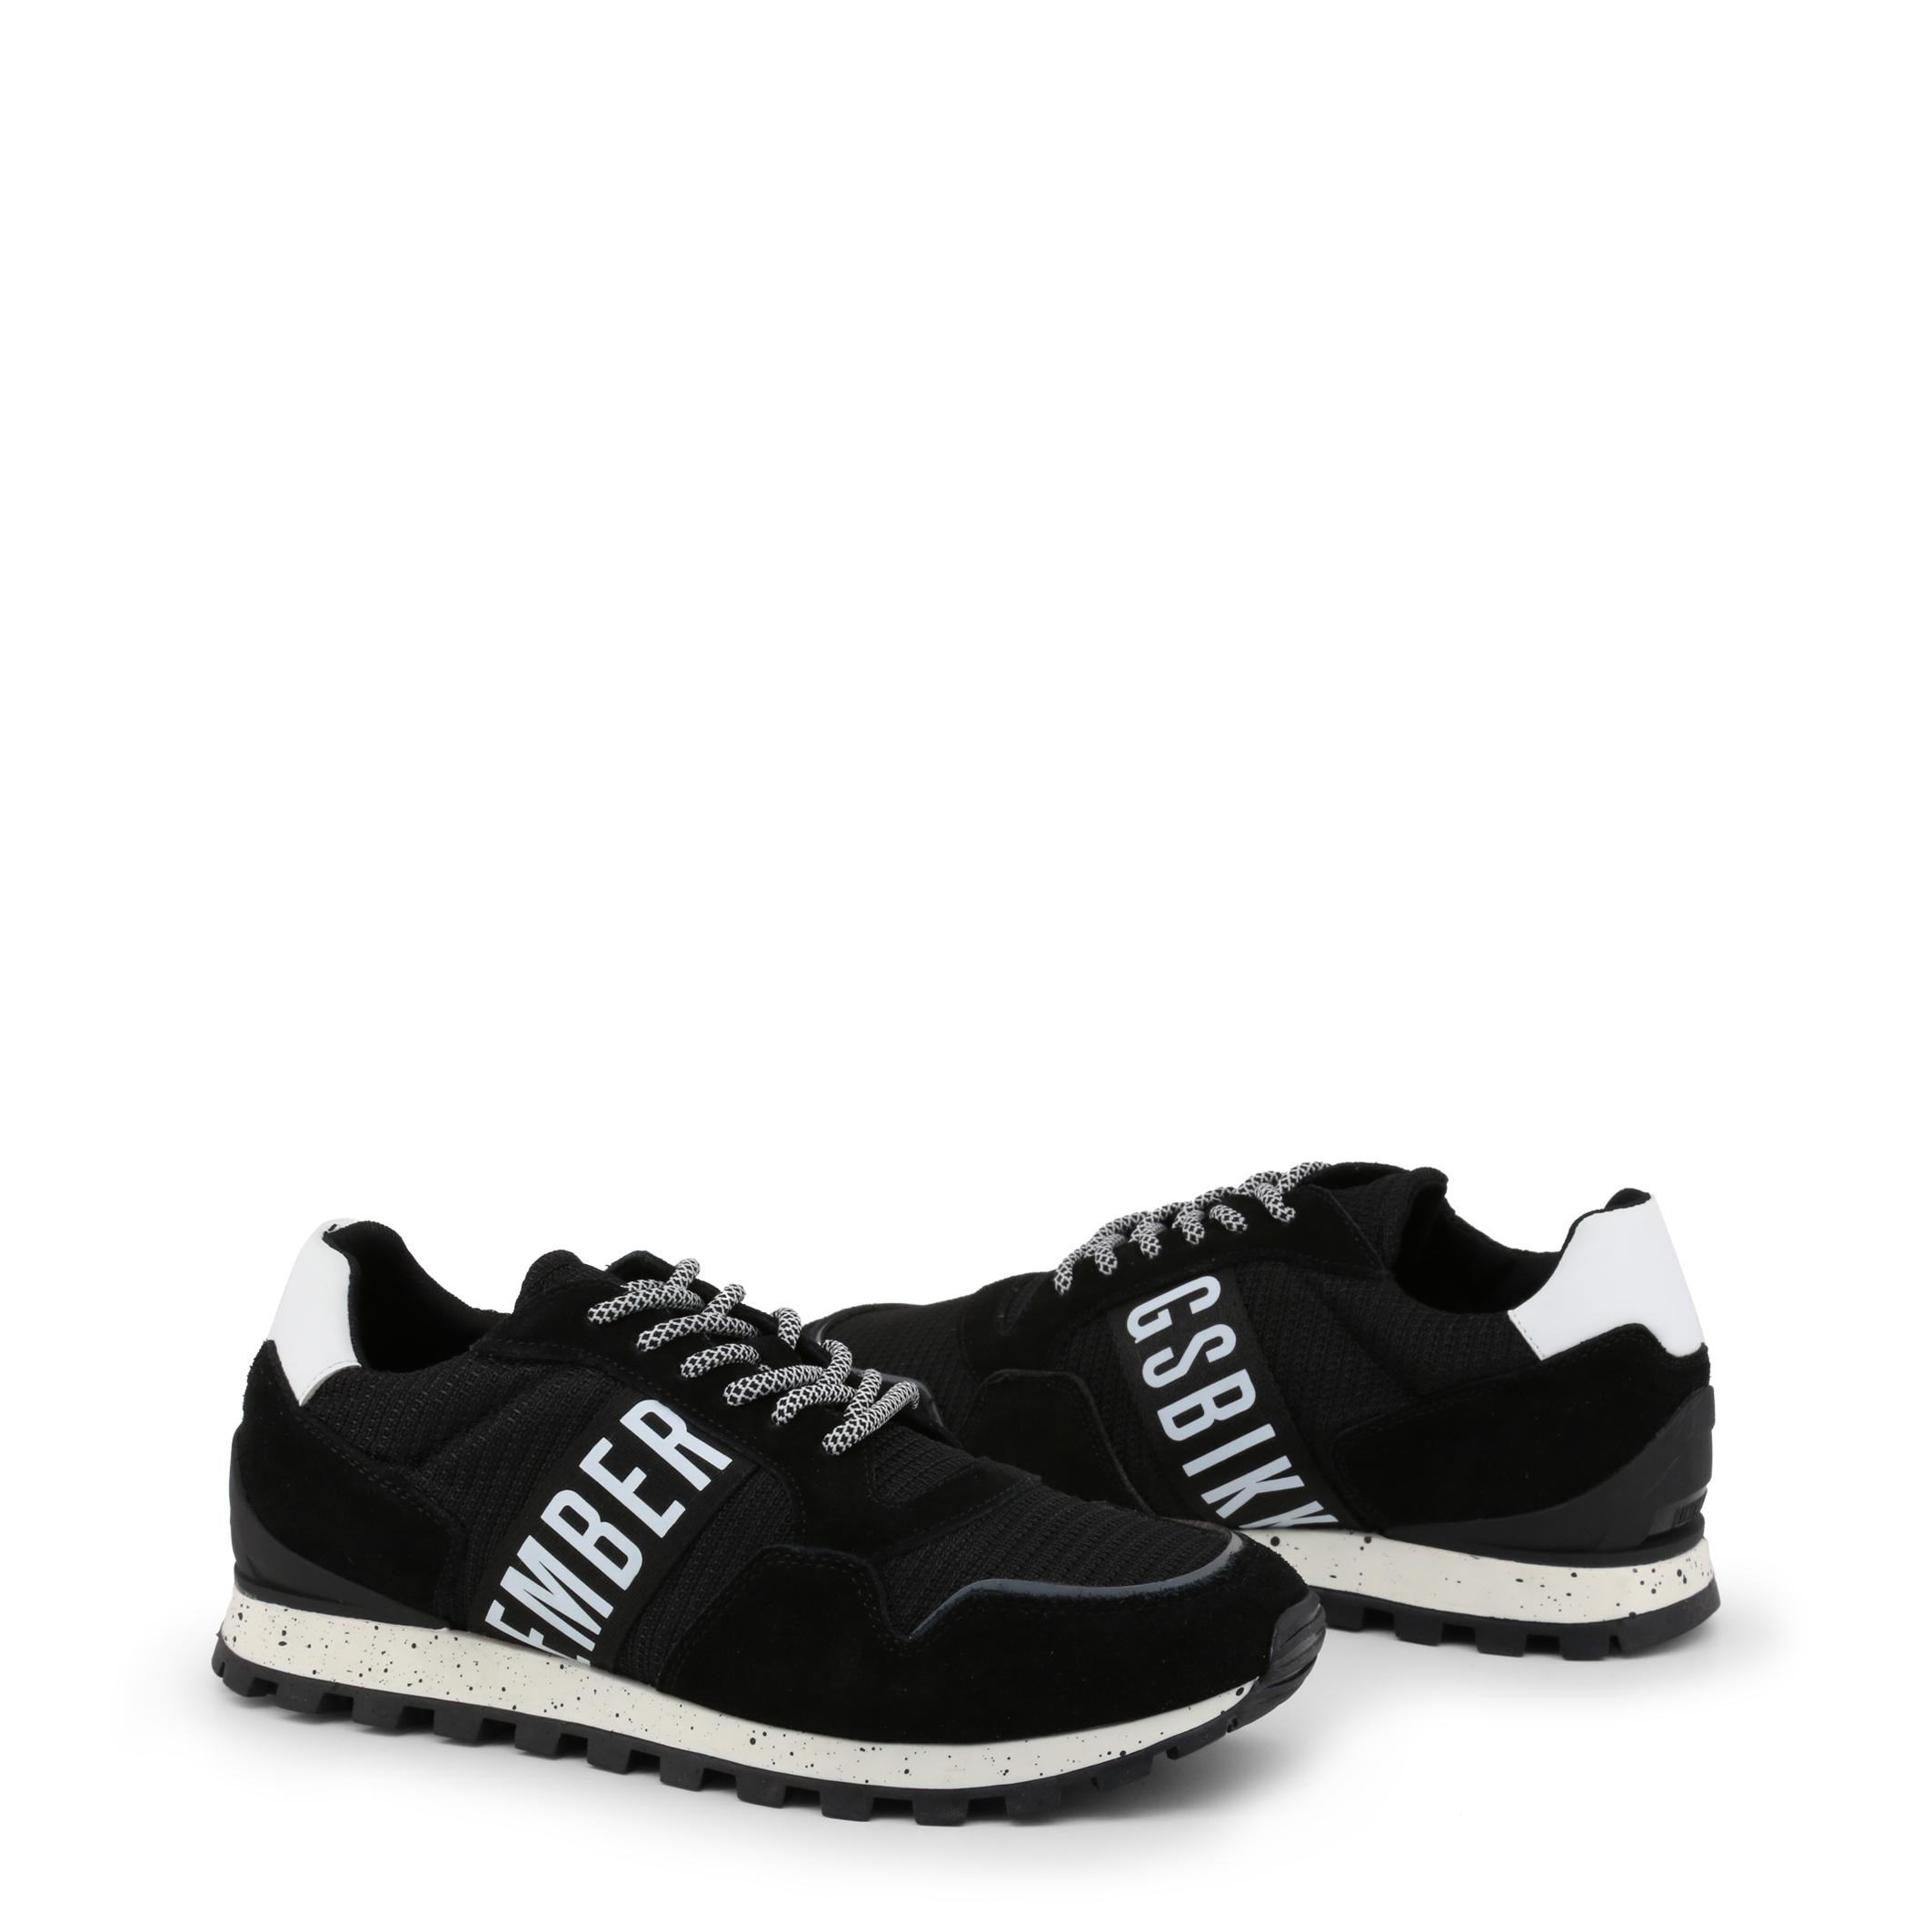 Baskets / Sport  Bikkembergs FEND-ER_2356 black